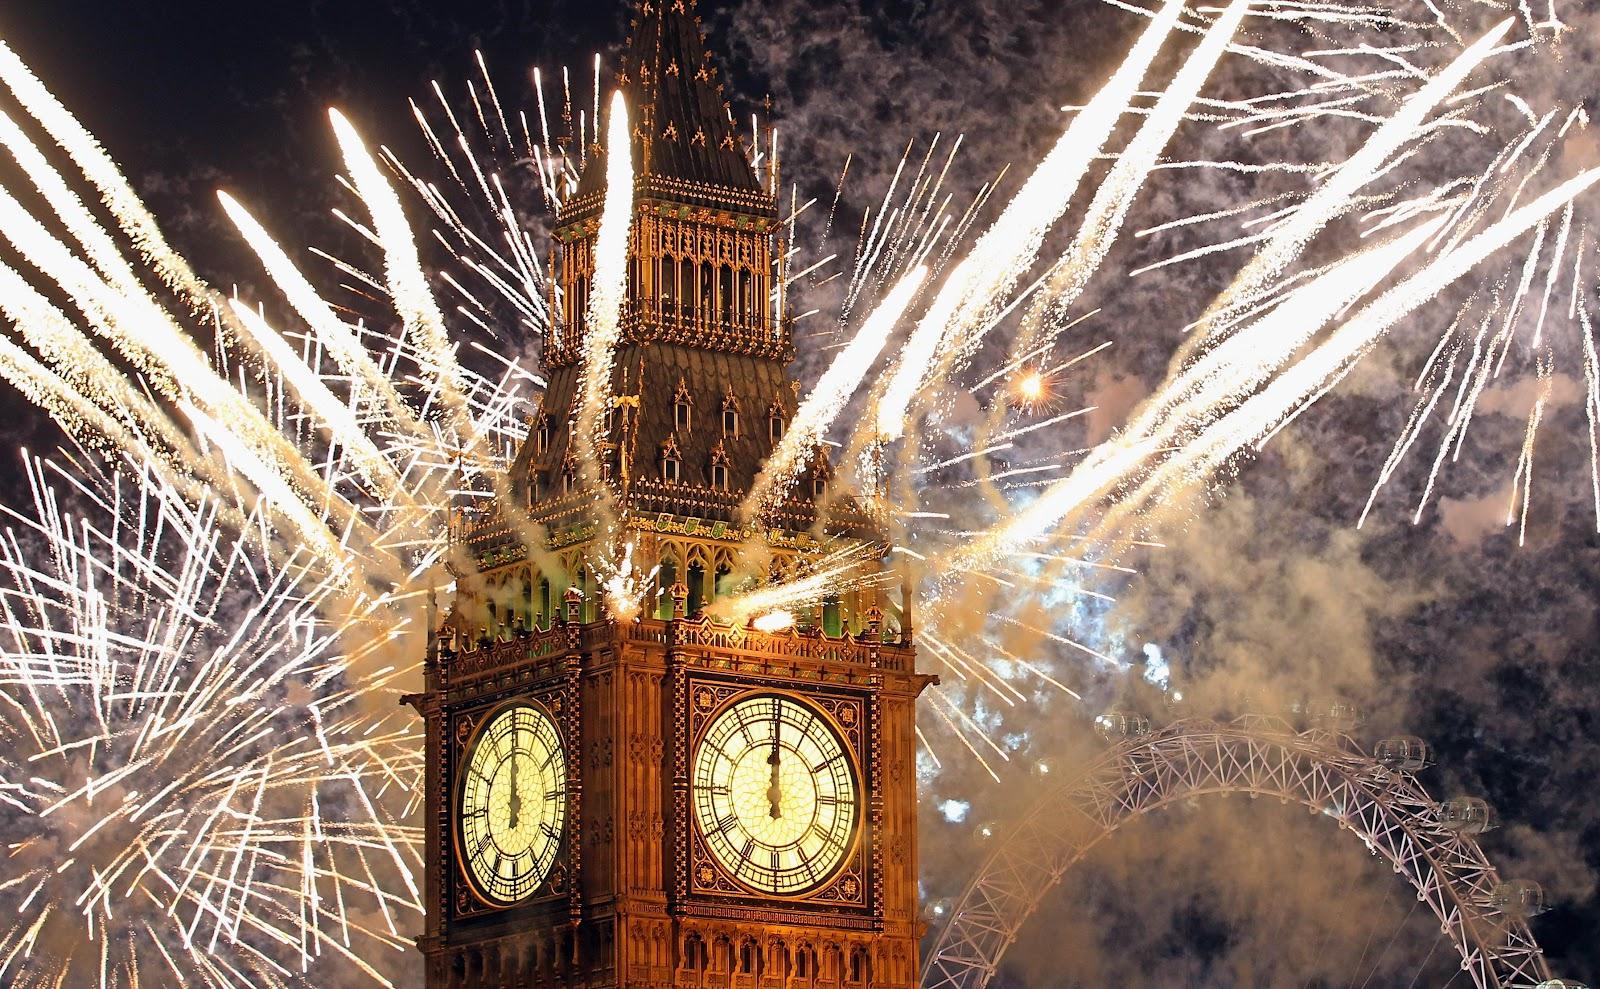 Capodanno: i fuochi d'artificio più belli del mondo - Londra